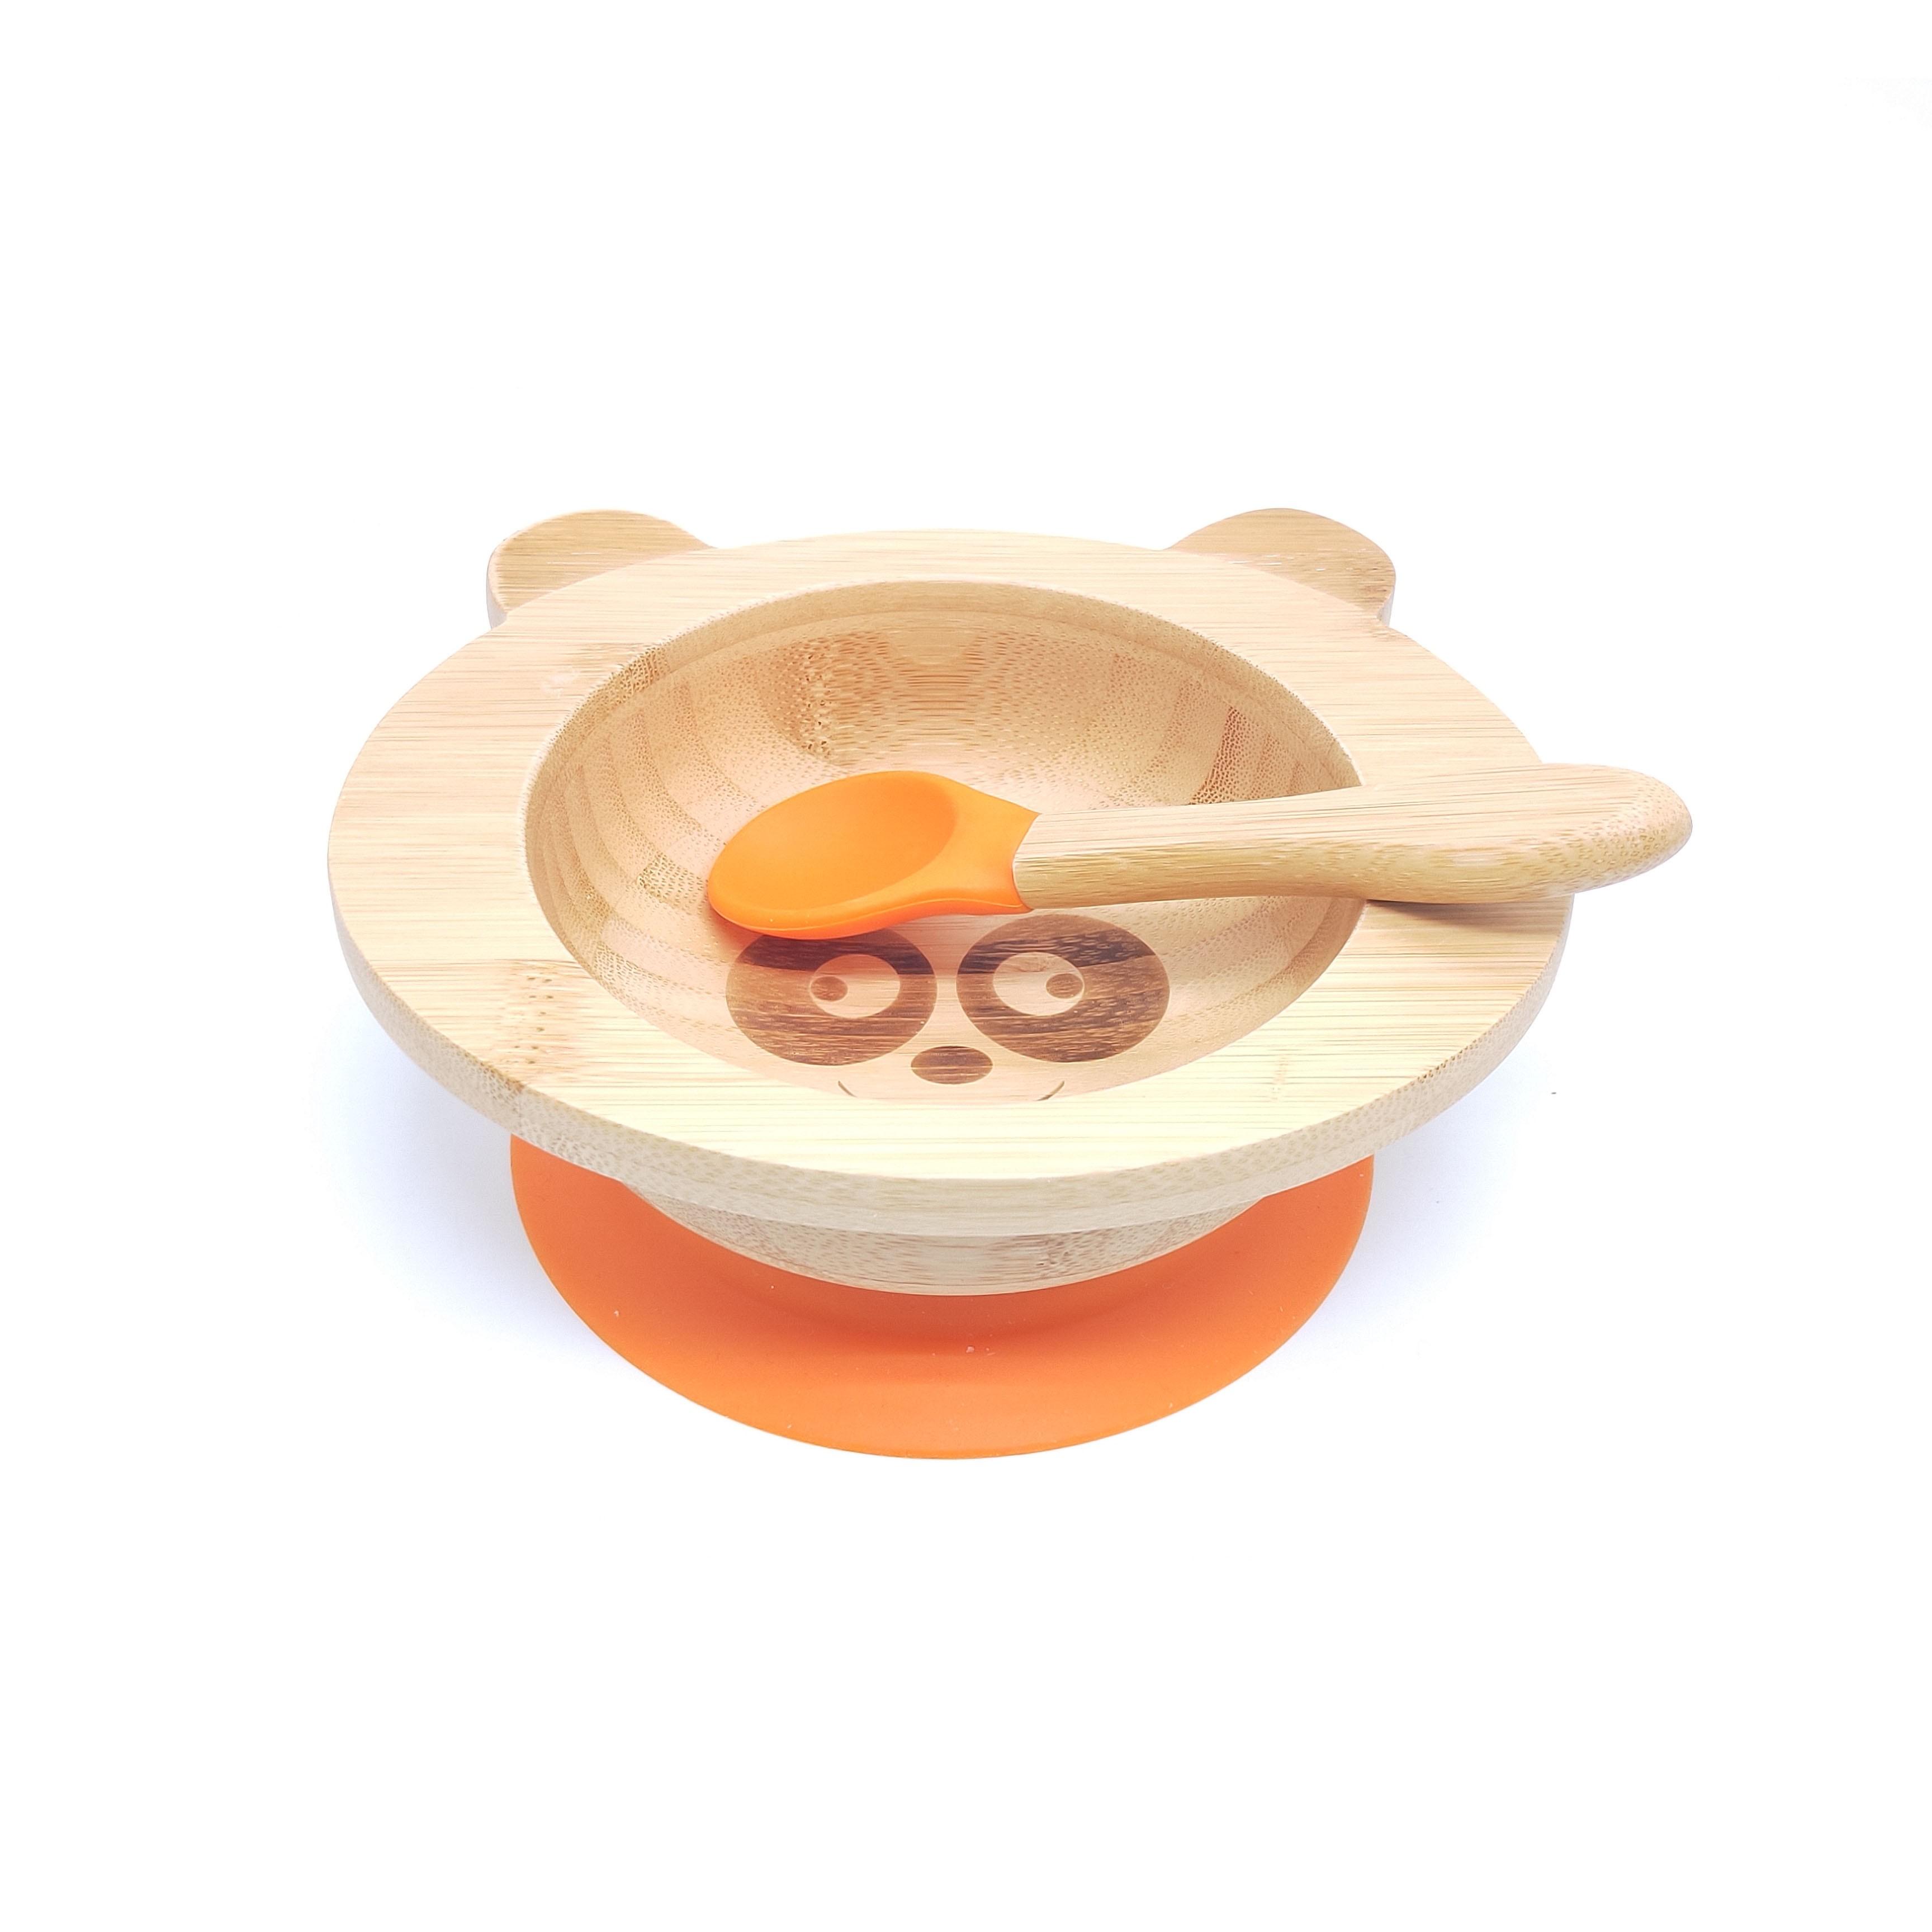 Kinderschüssel mitSilikonboden Bambus / Orange